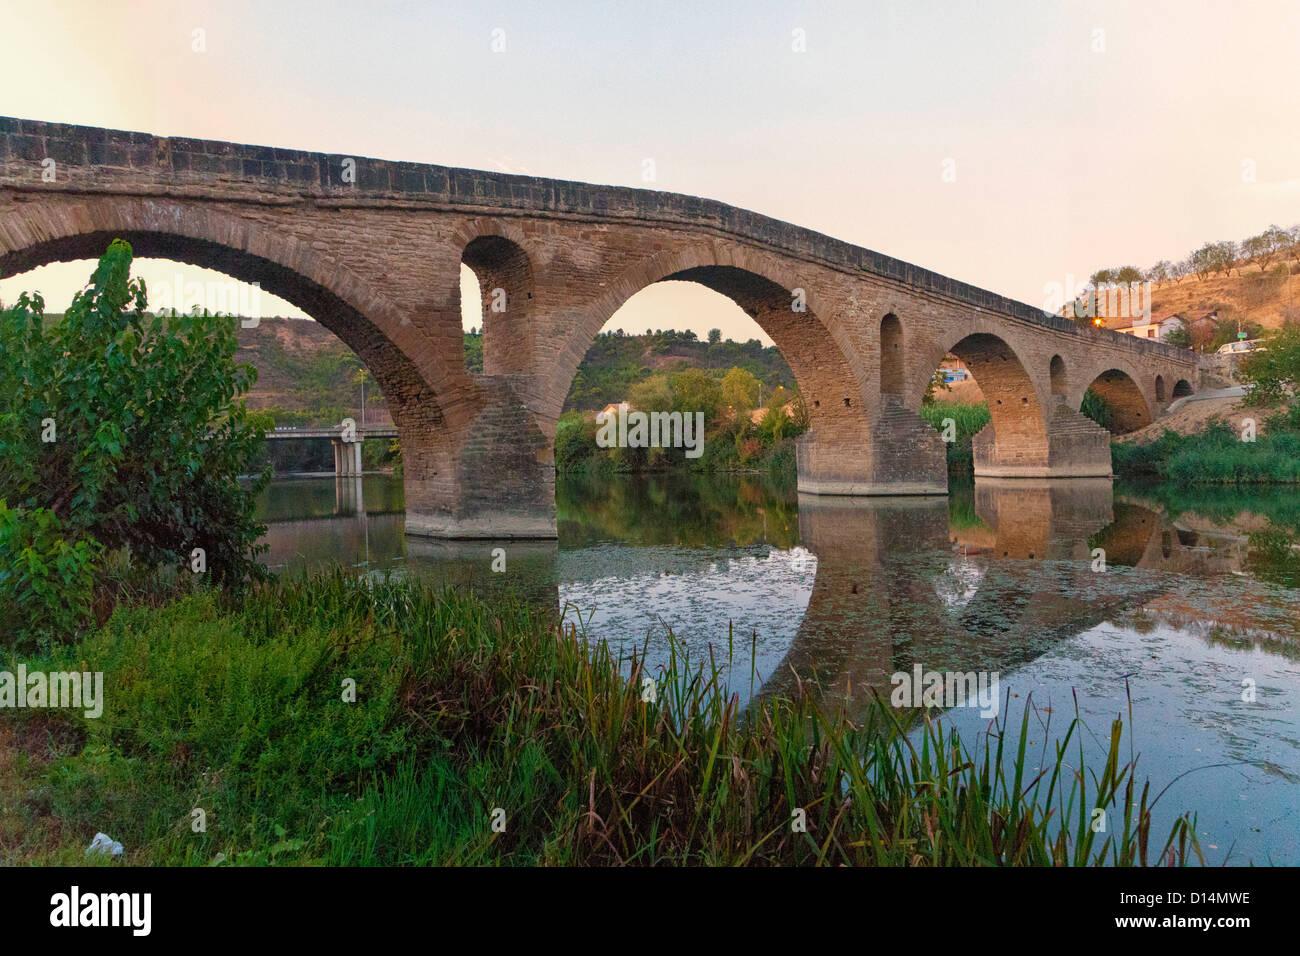 Puente La Reina, 'Bridge of the Queen' Gares, Spain, lies between Pamplona and Estella on the 'Way of - Stock Image